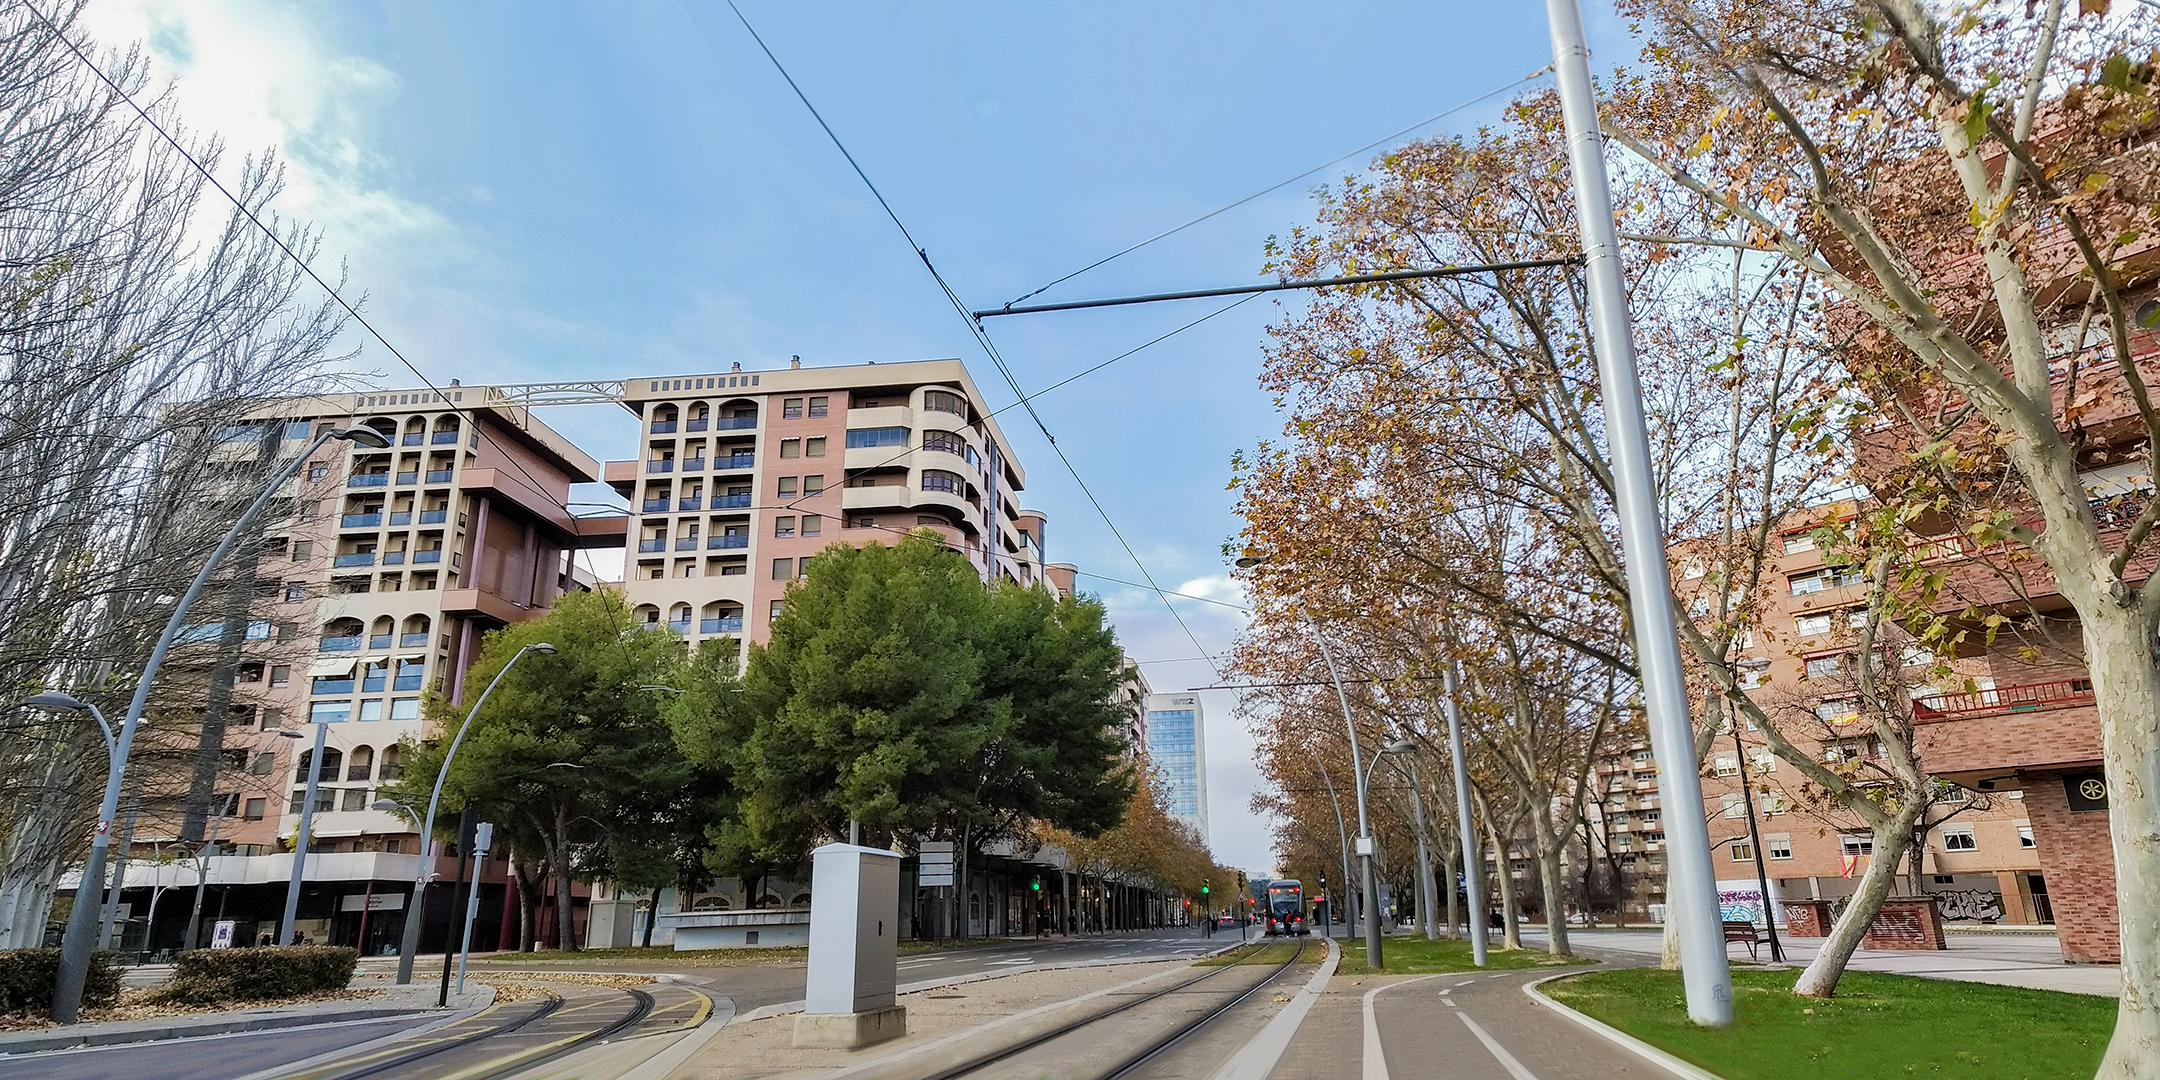 Aldebre Inmobiliaria Zaragoza | Pisos Actur Zaragoza Portada. Tu inmobiliaria de confianza en Zaragoza y alrededores.